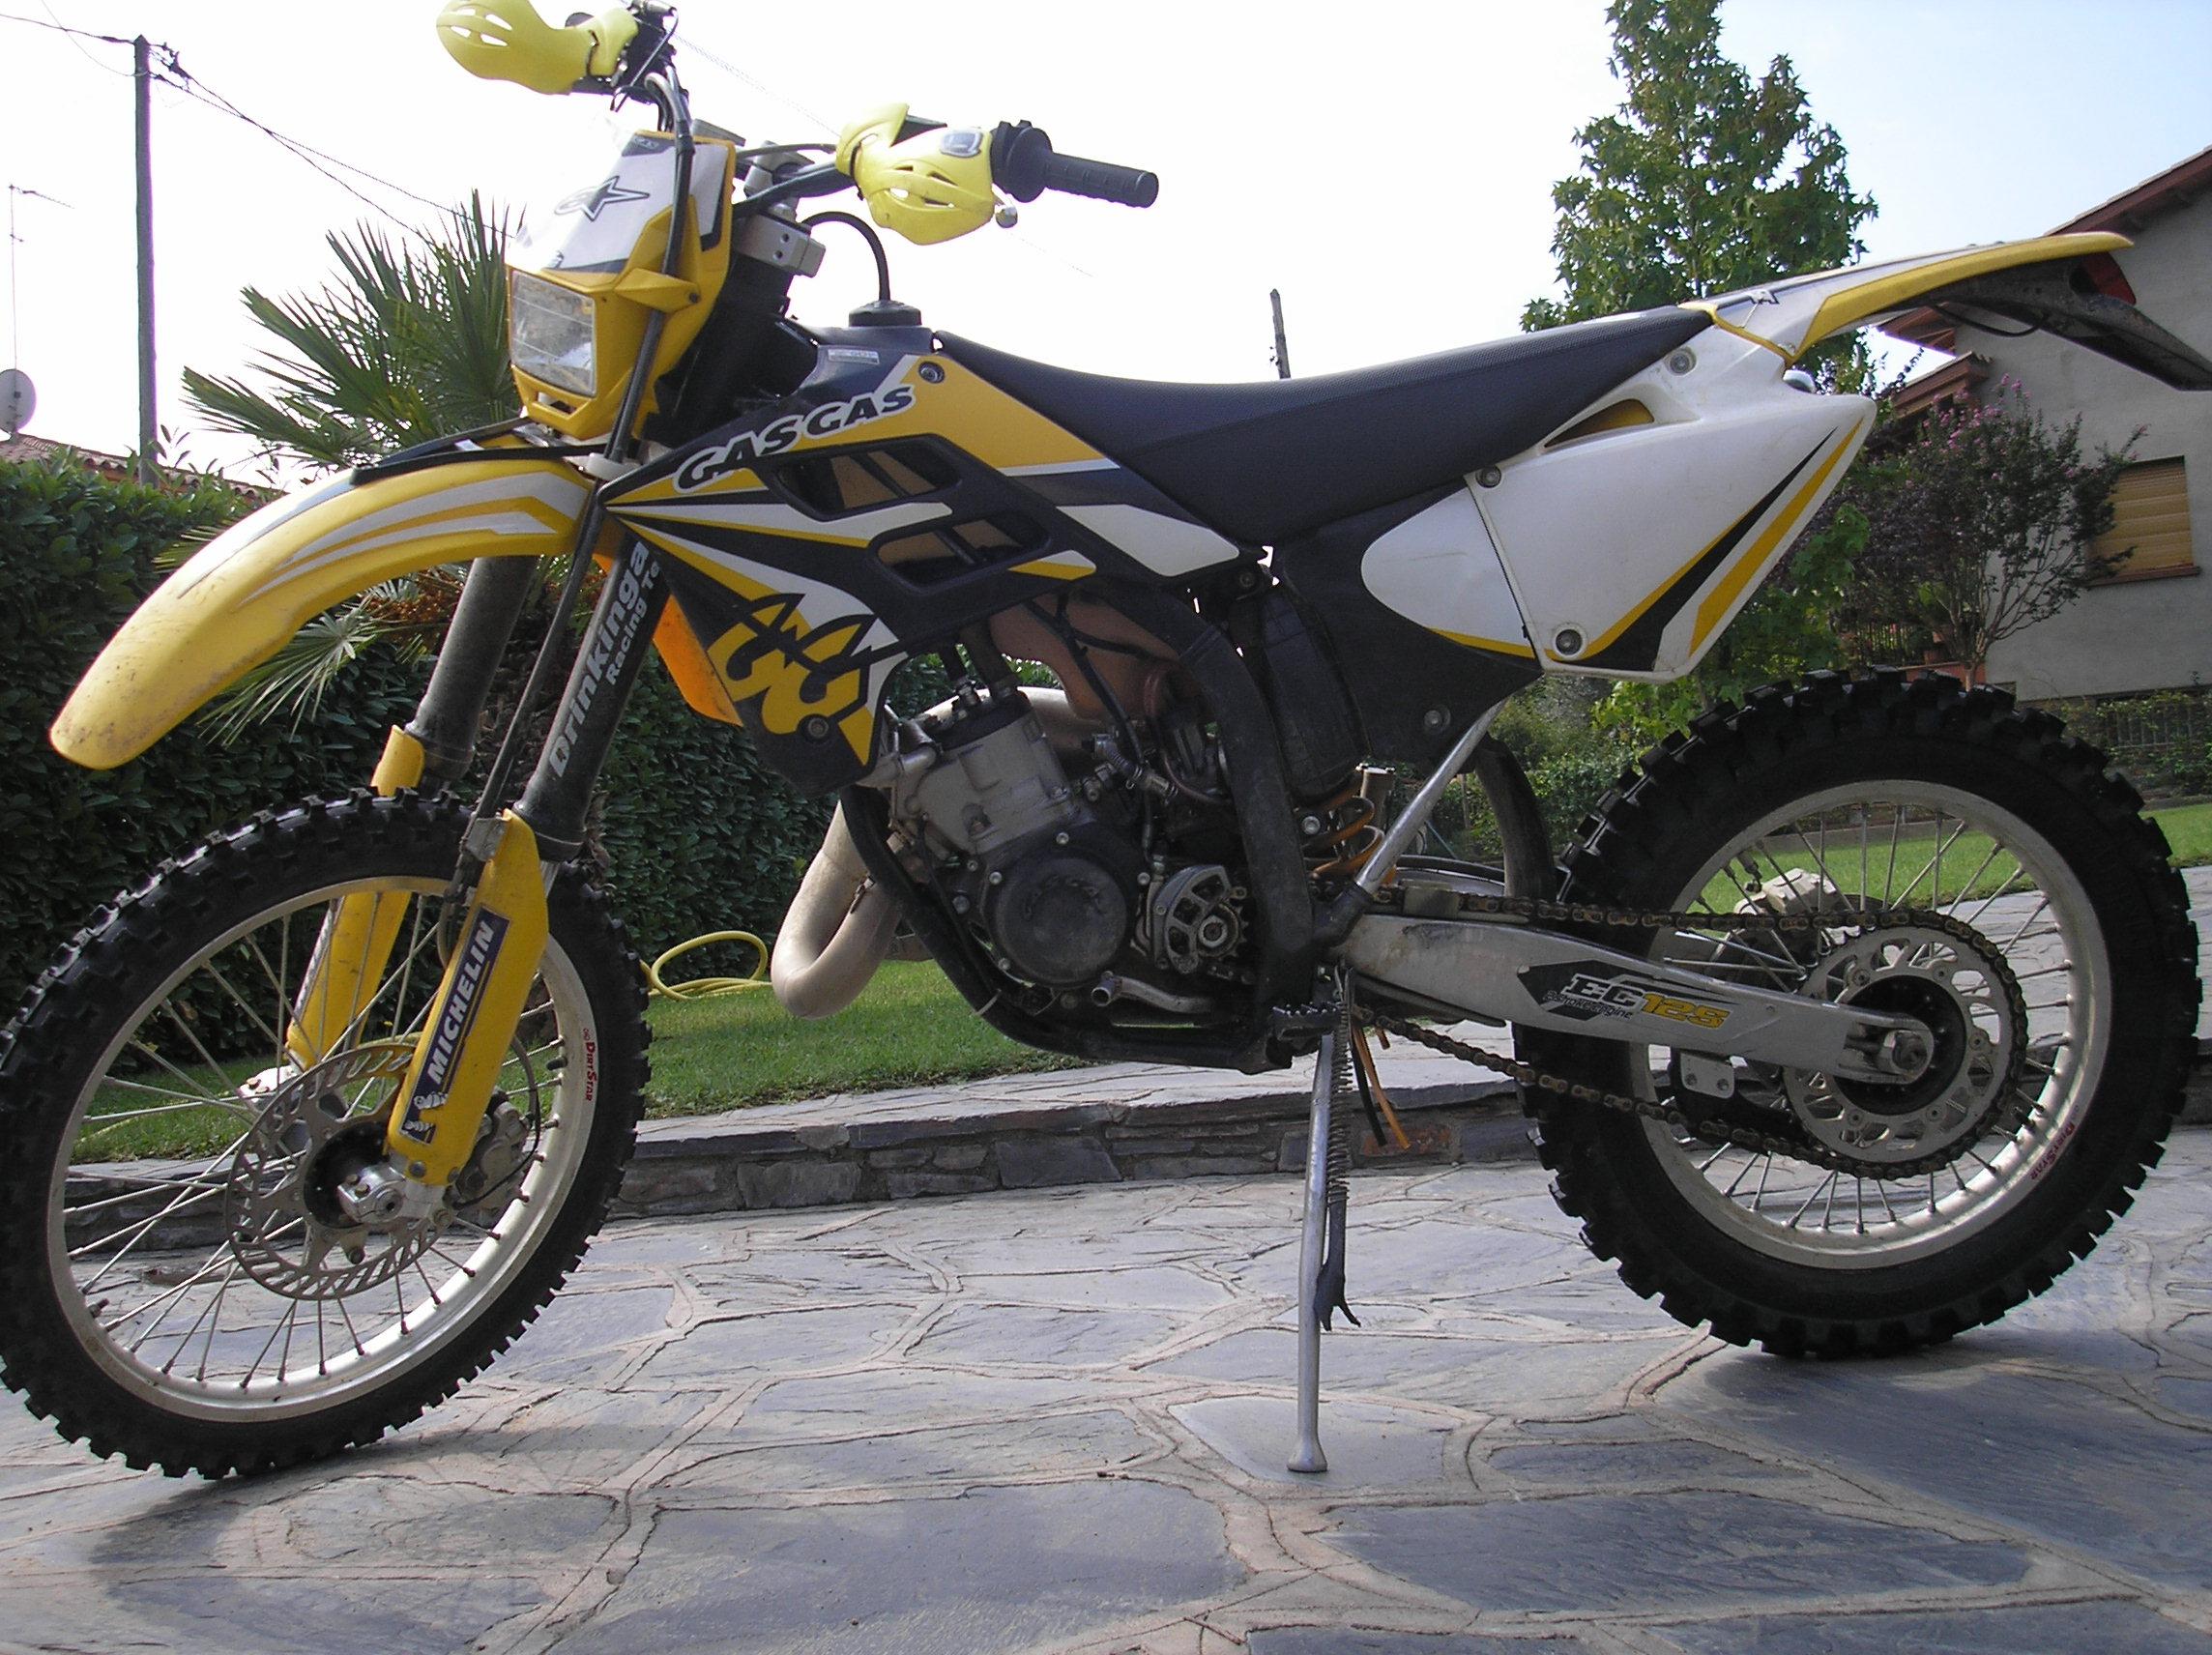 Gasgas ec 125 - 125er Enduro